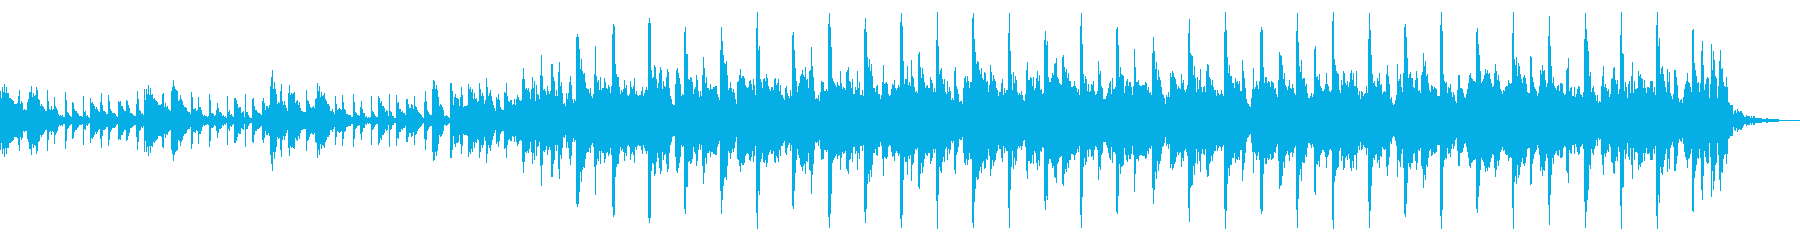 キラキラでかわいいアコギと鉄琴30秒版の再生済みの波形